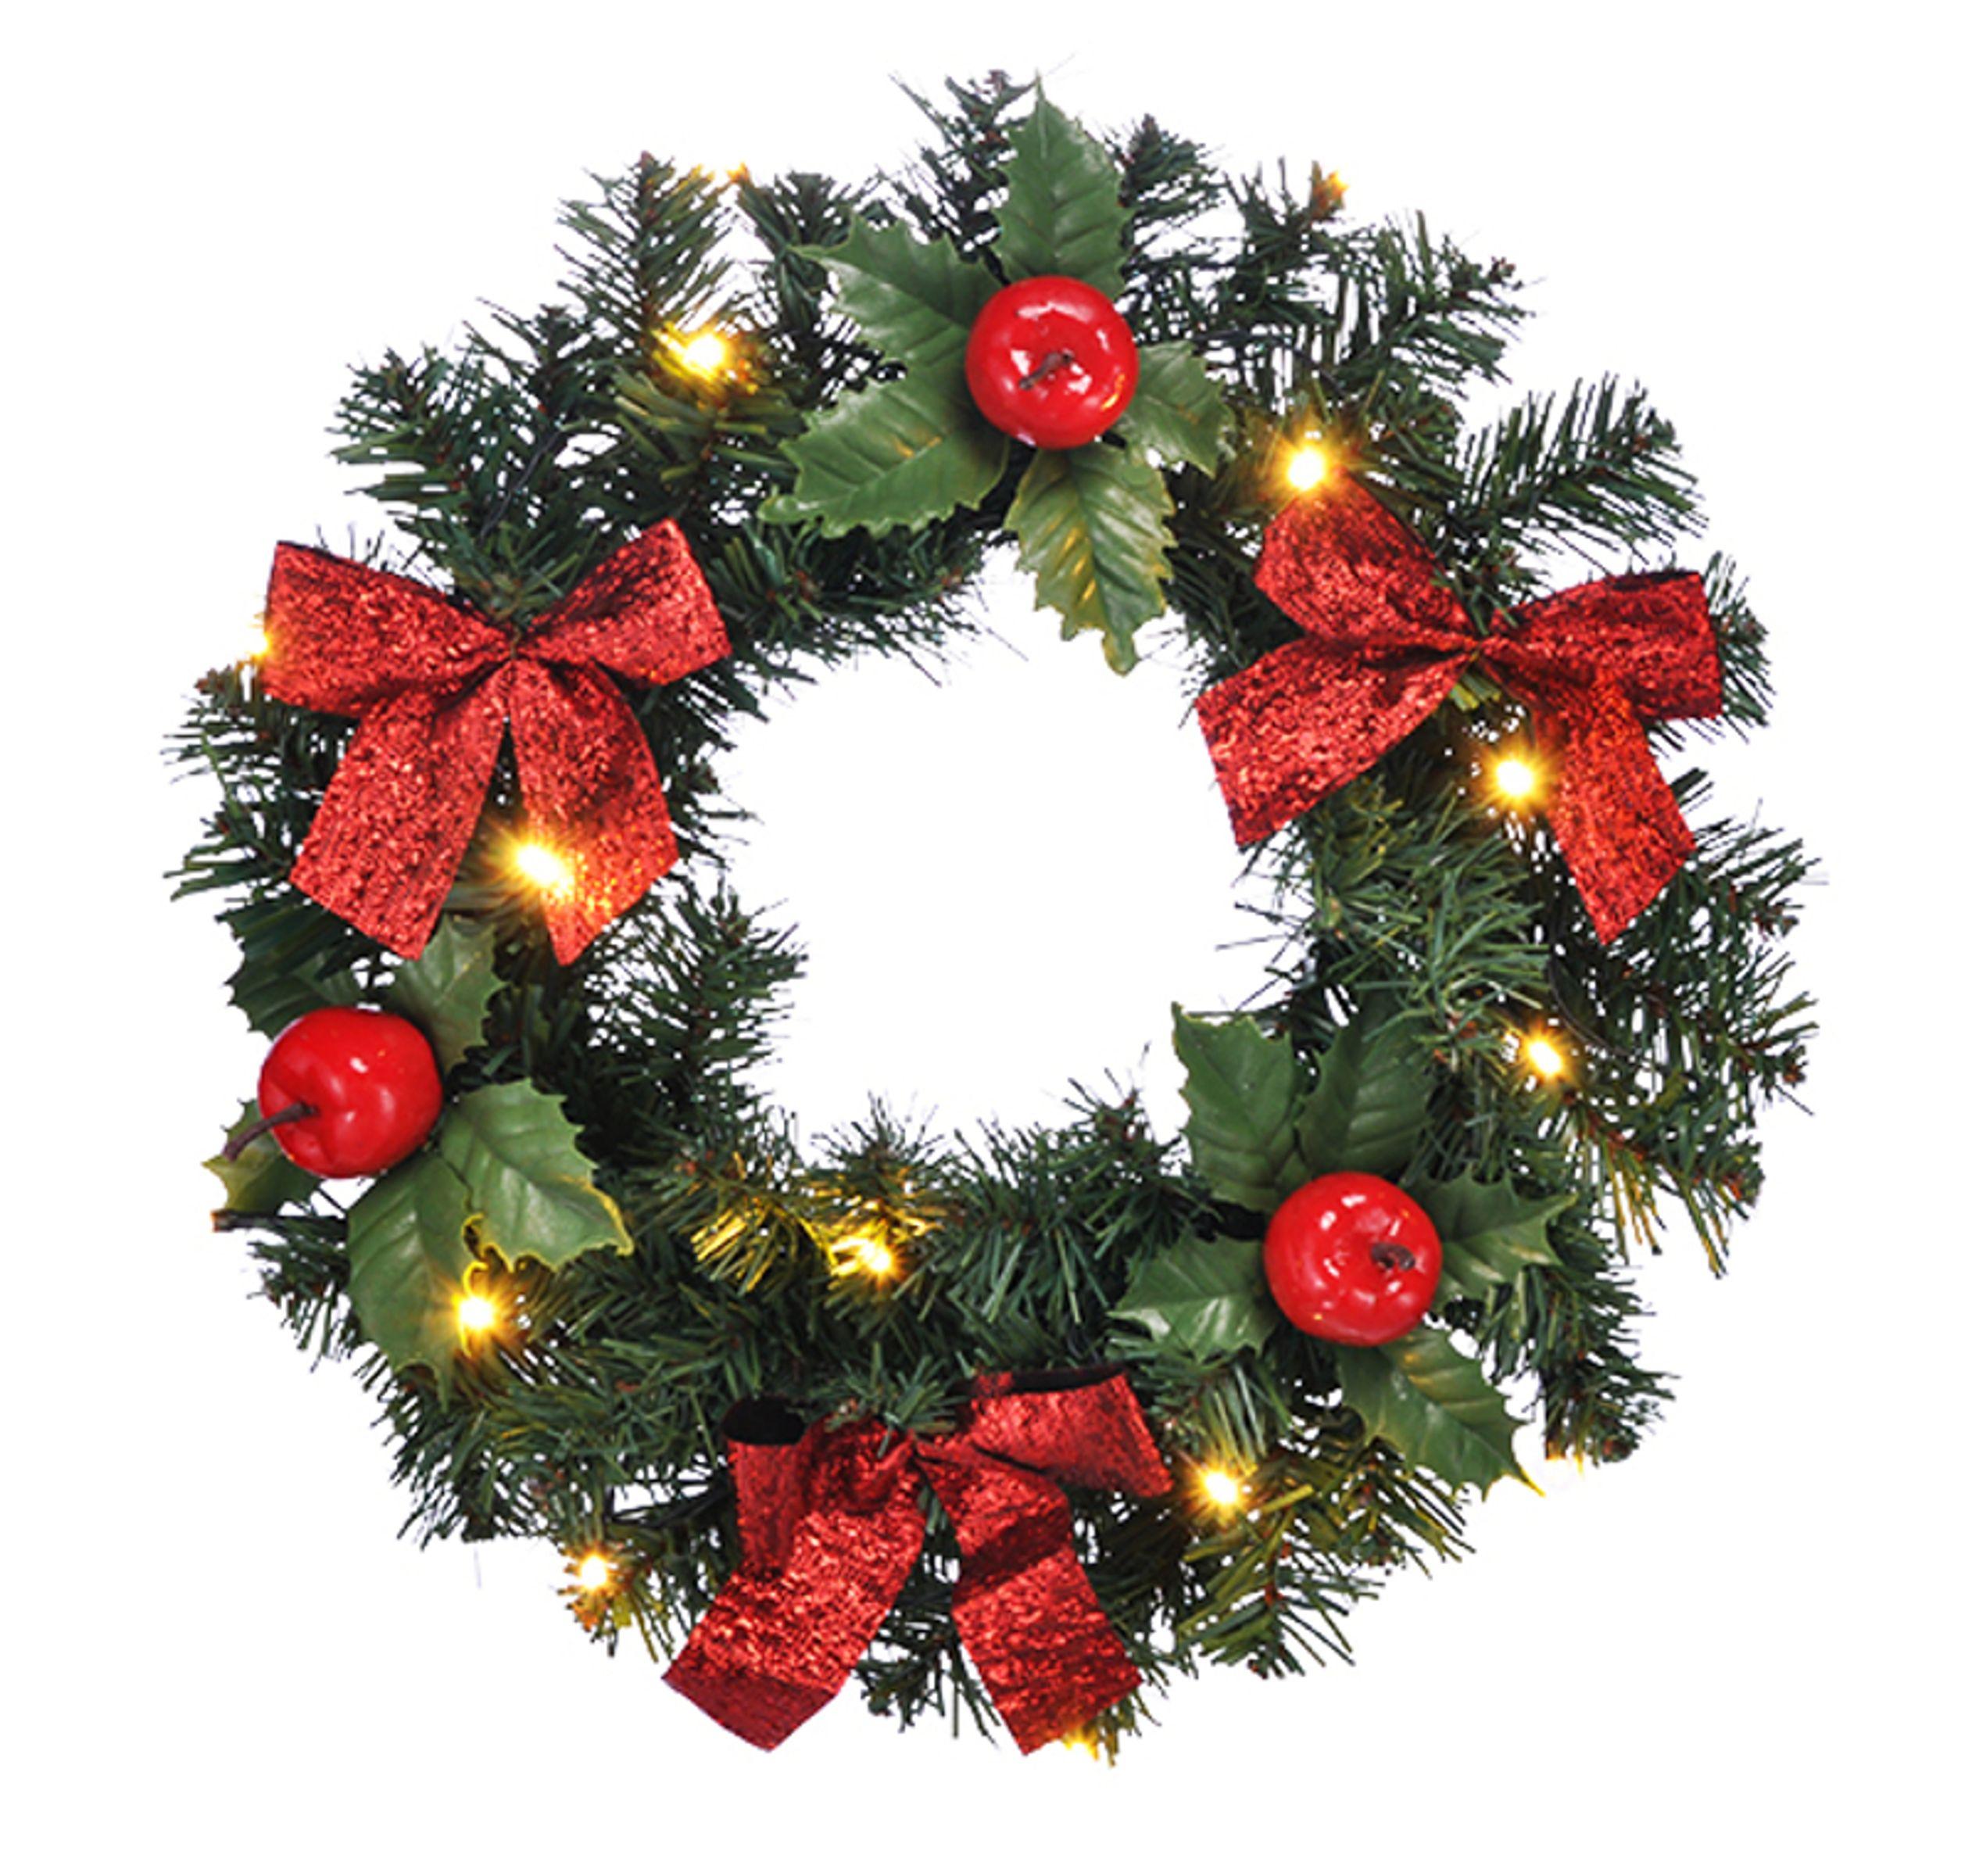 Weihnachtsdeko Kranz beleuchteter weihnachts türkranz weihnachten lichterkranz kranz